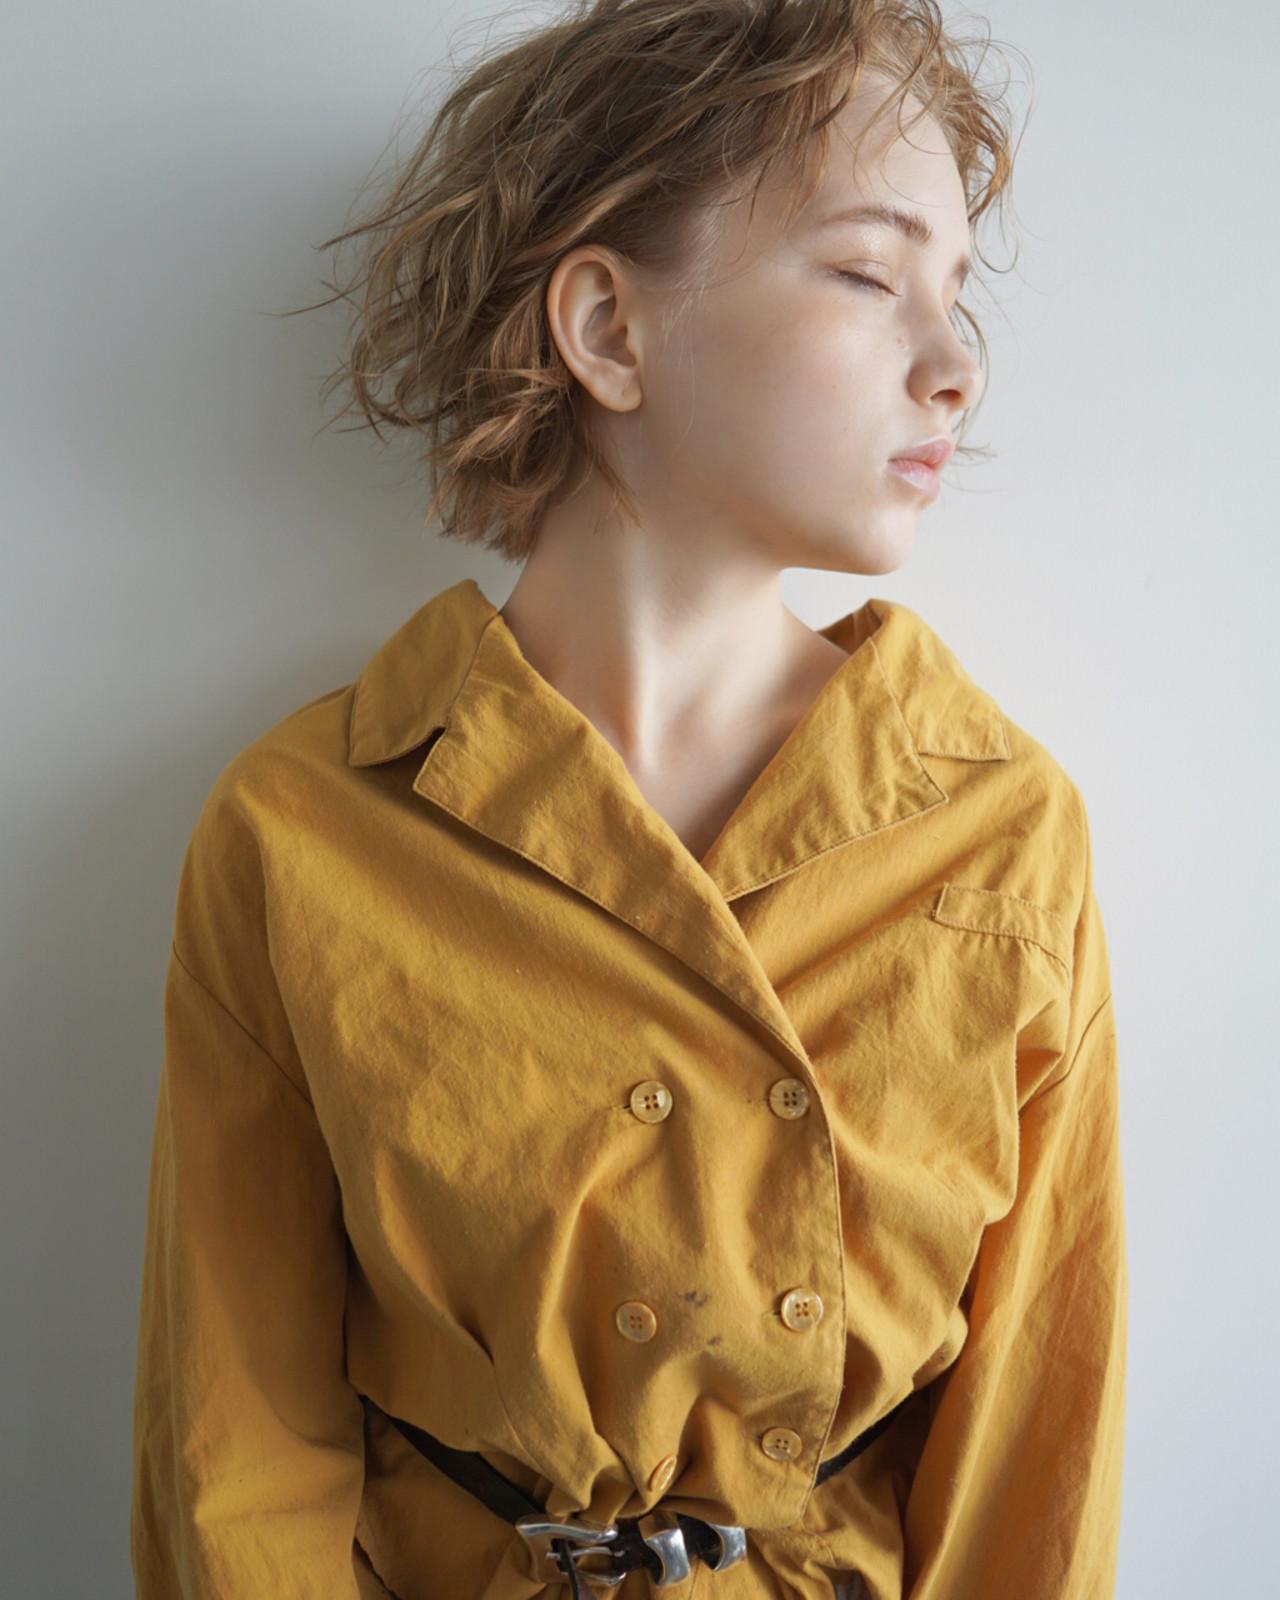 アンニュイ ヘアアレンジ ウェットヘア ナチュラル ヘアスタイルや髪型の写真・画像